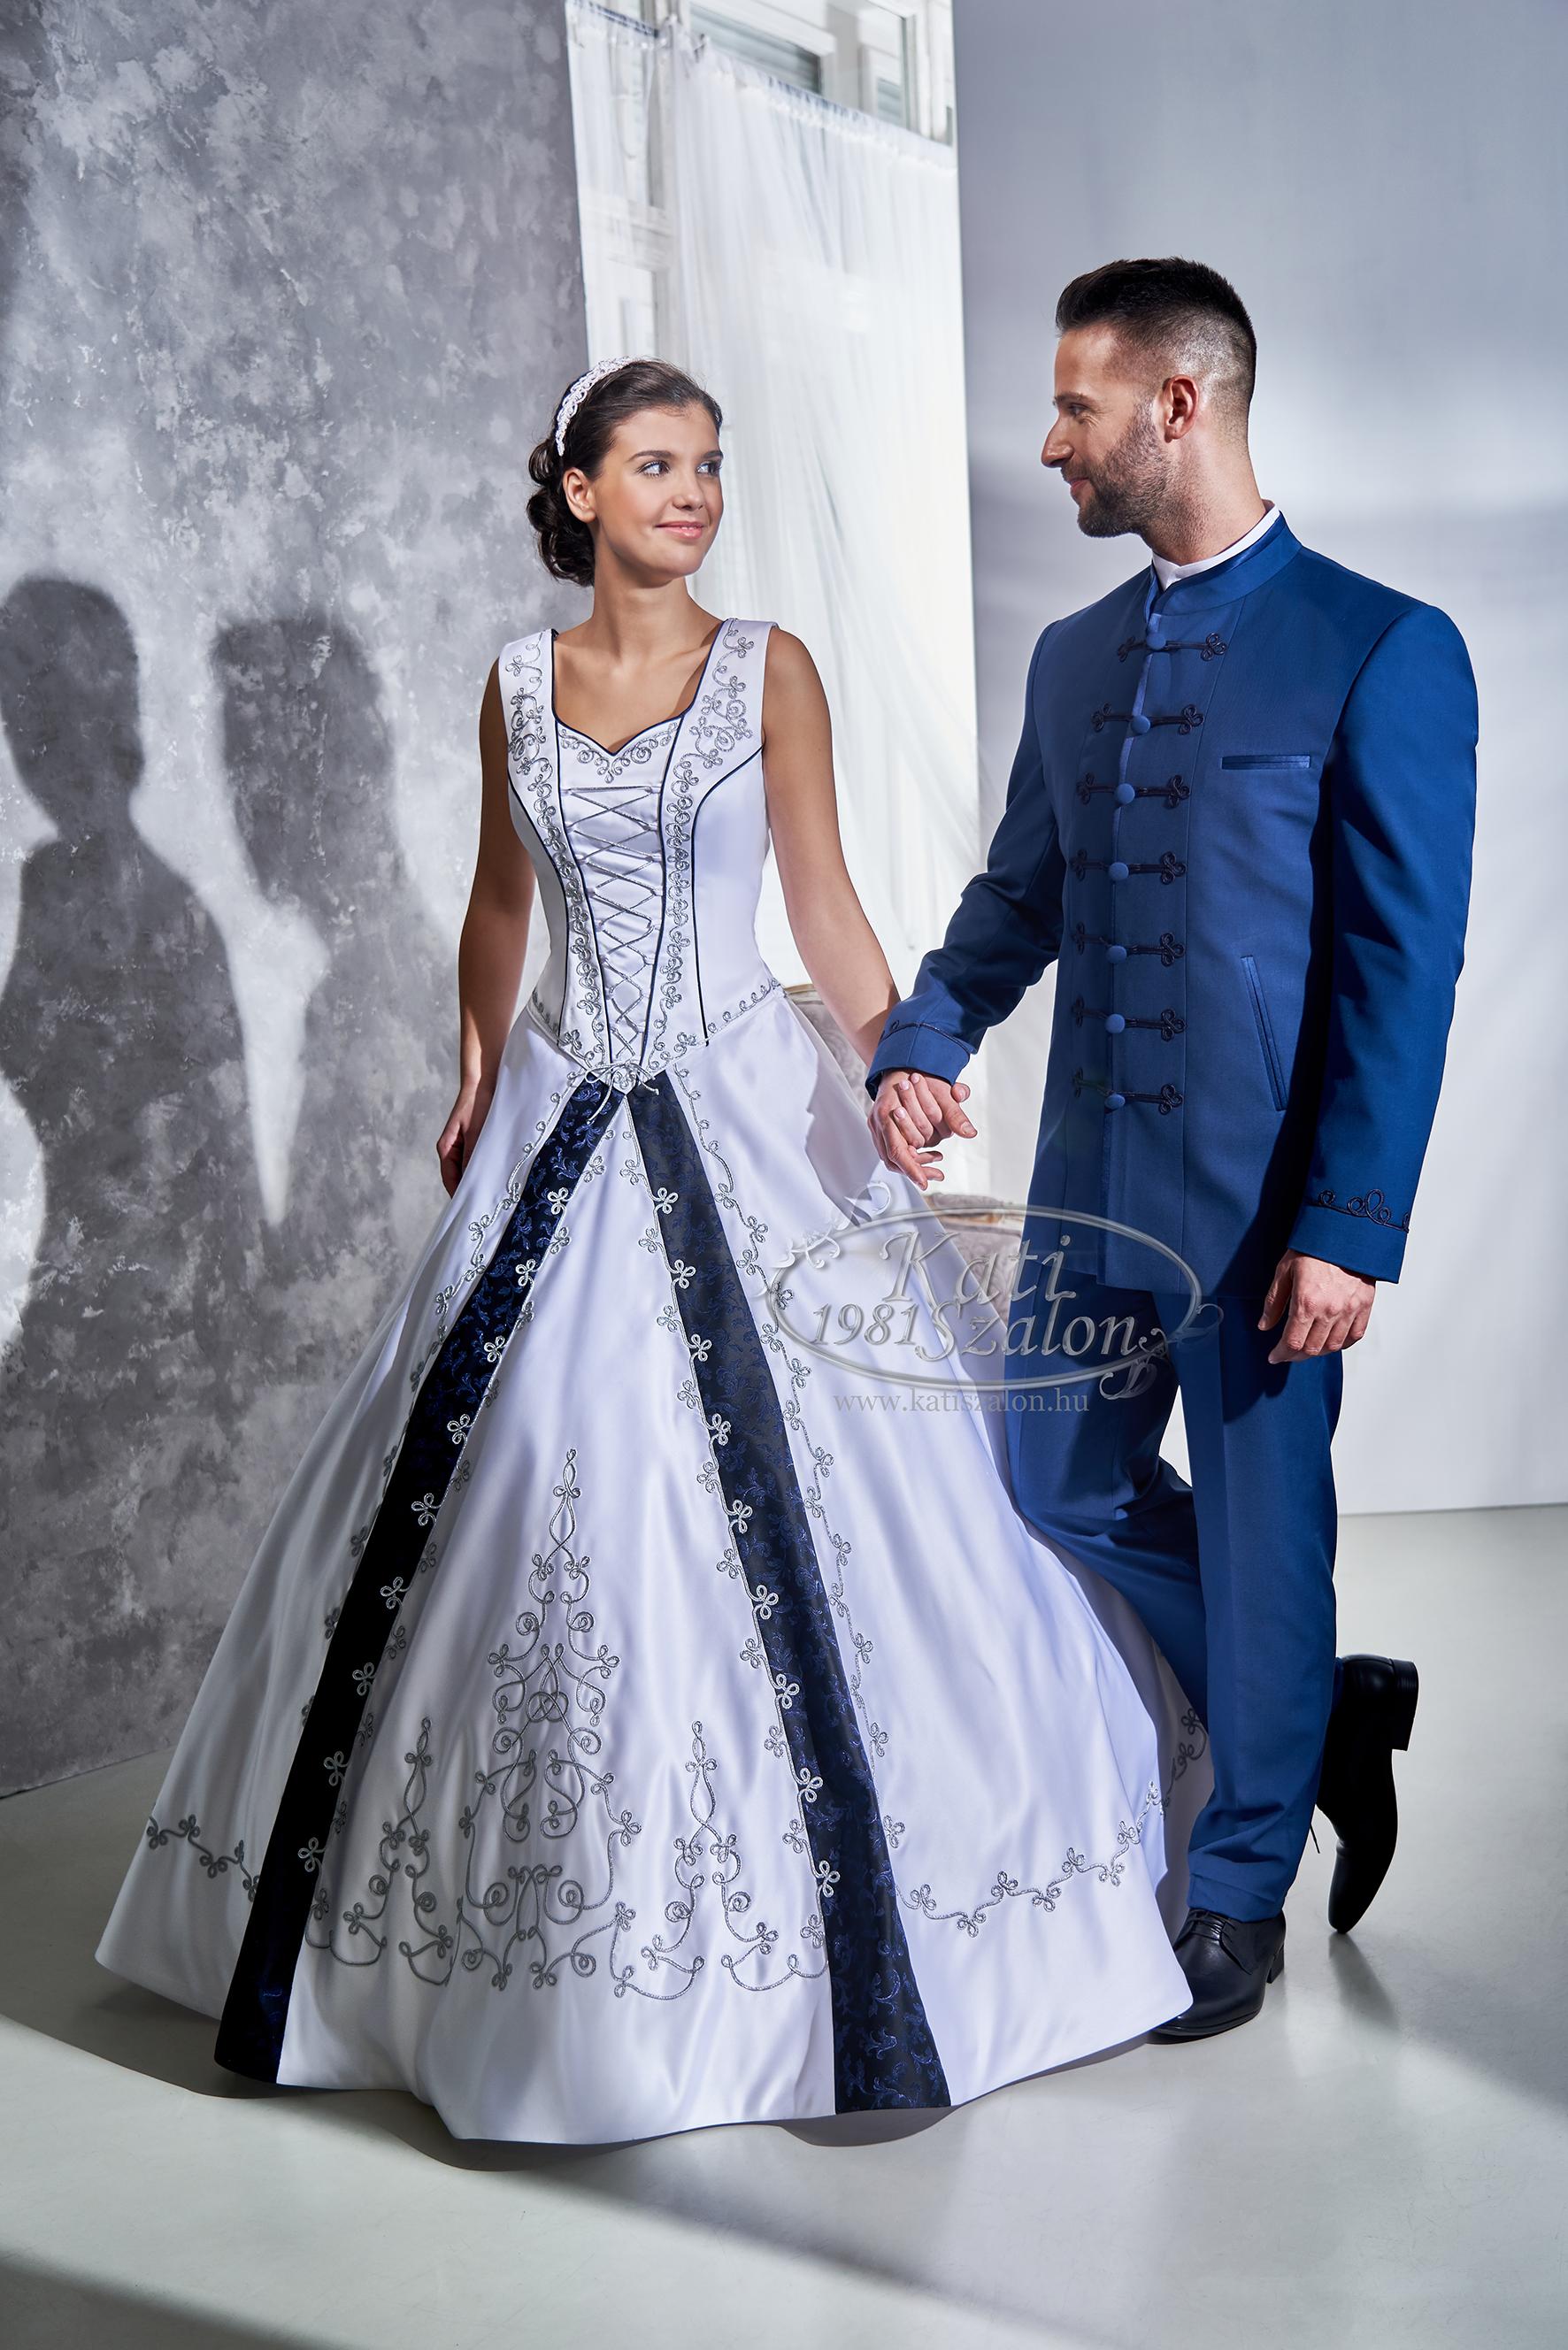 férfi nőt esküvője